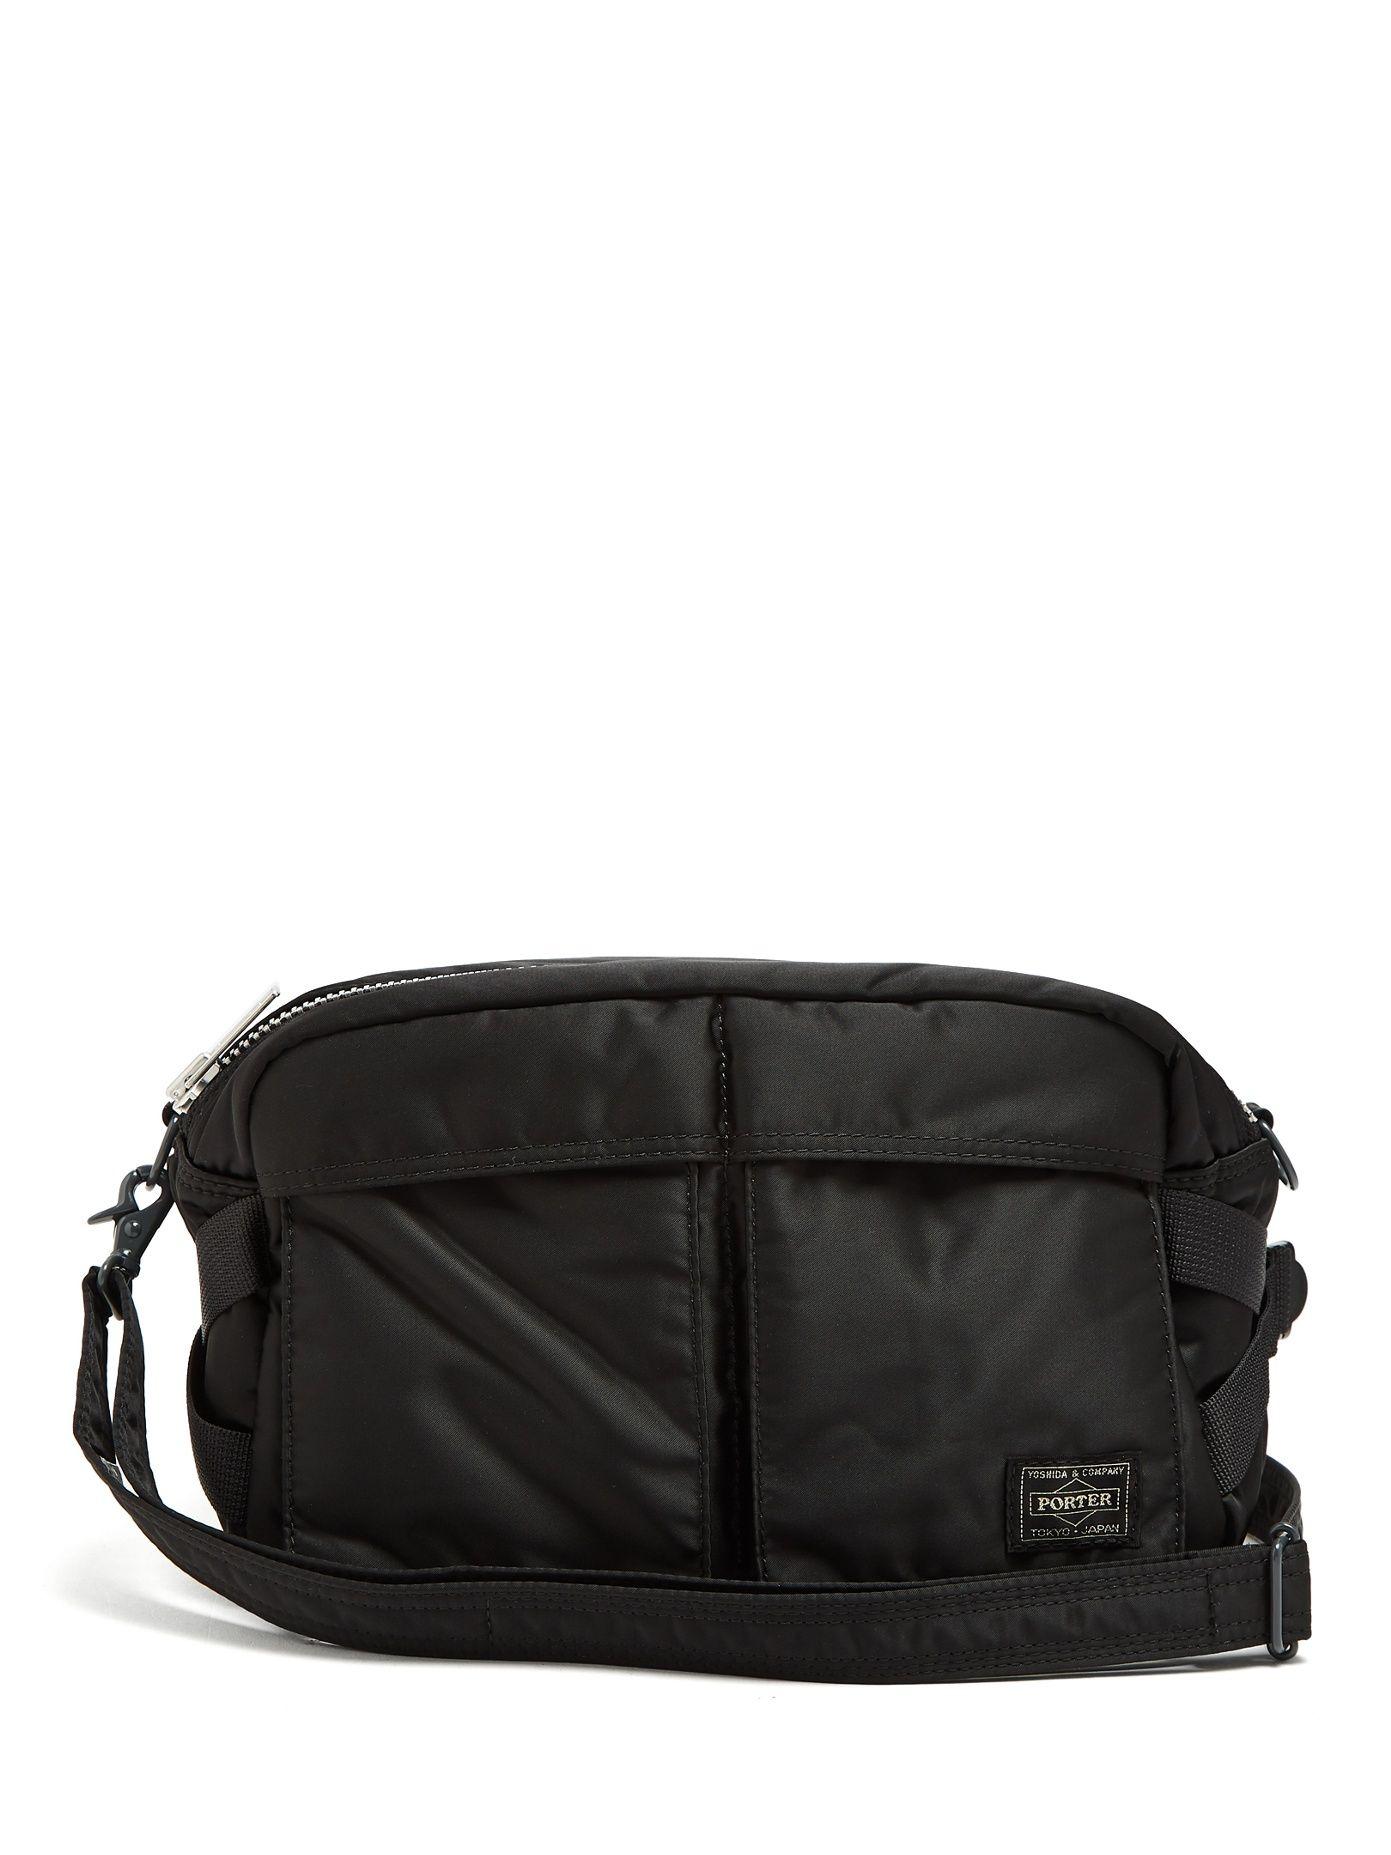 PORTER-YOSHIDA   CO .  porter-yoshidaco  bags  belt bags  nylon  lining   b7d768c665b0d